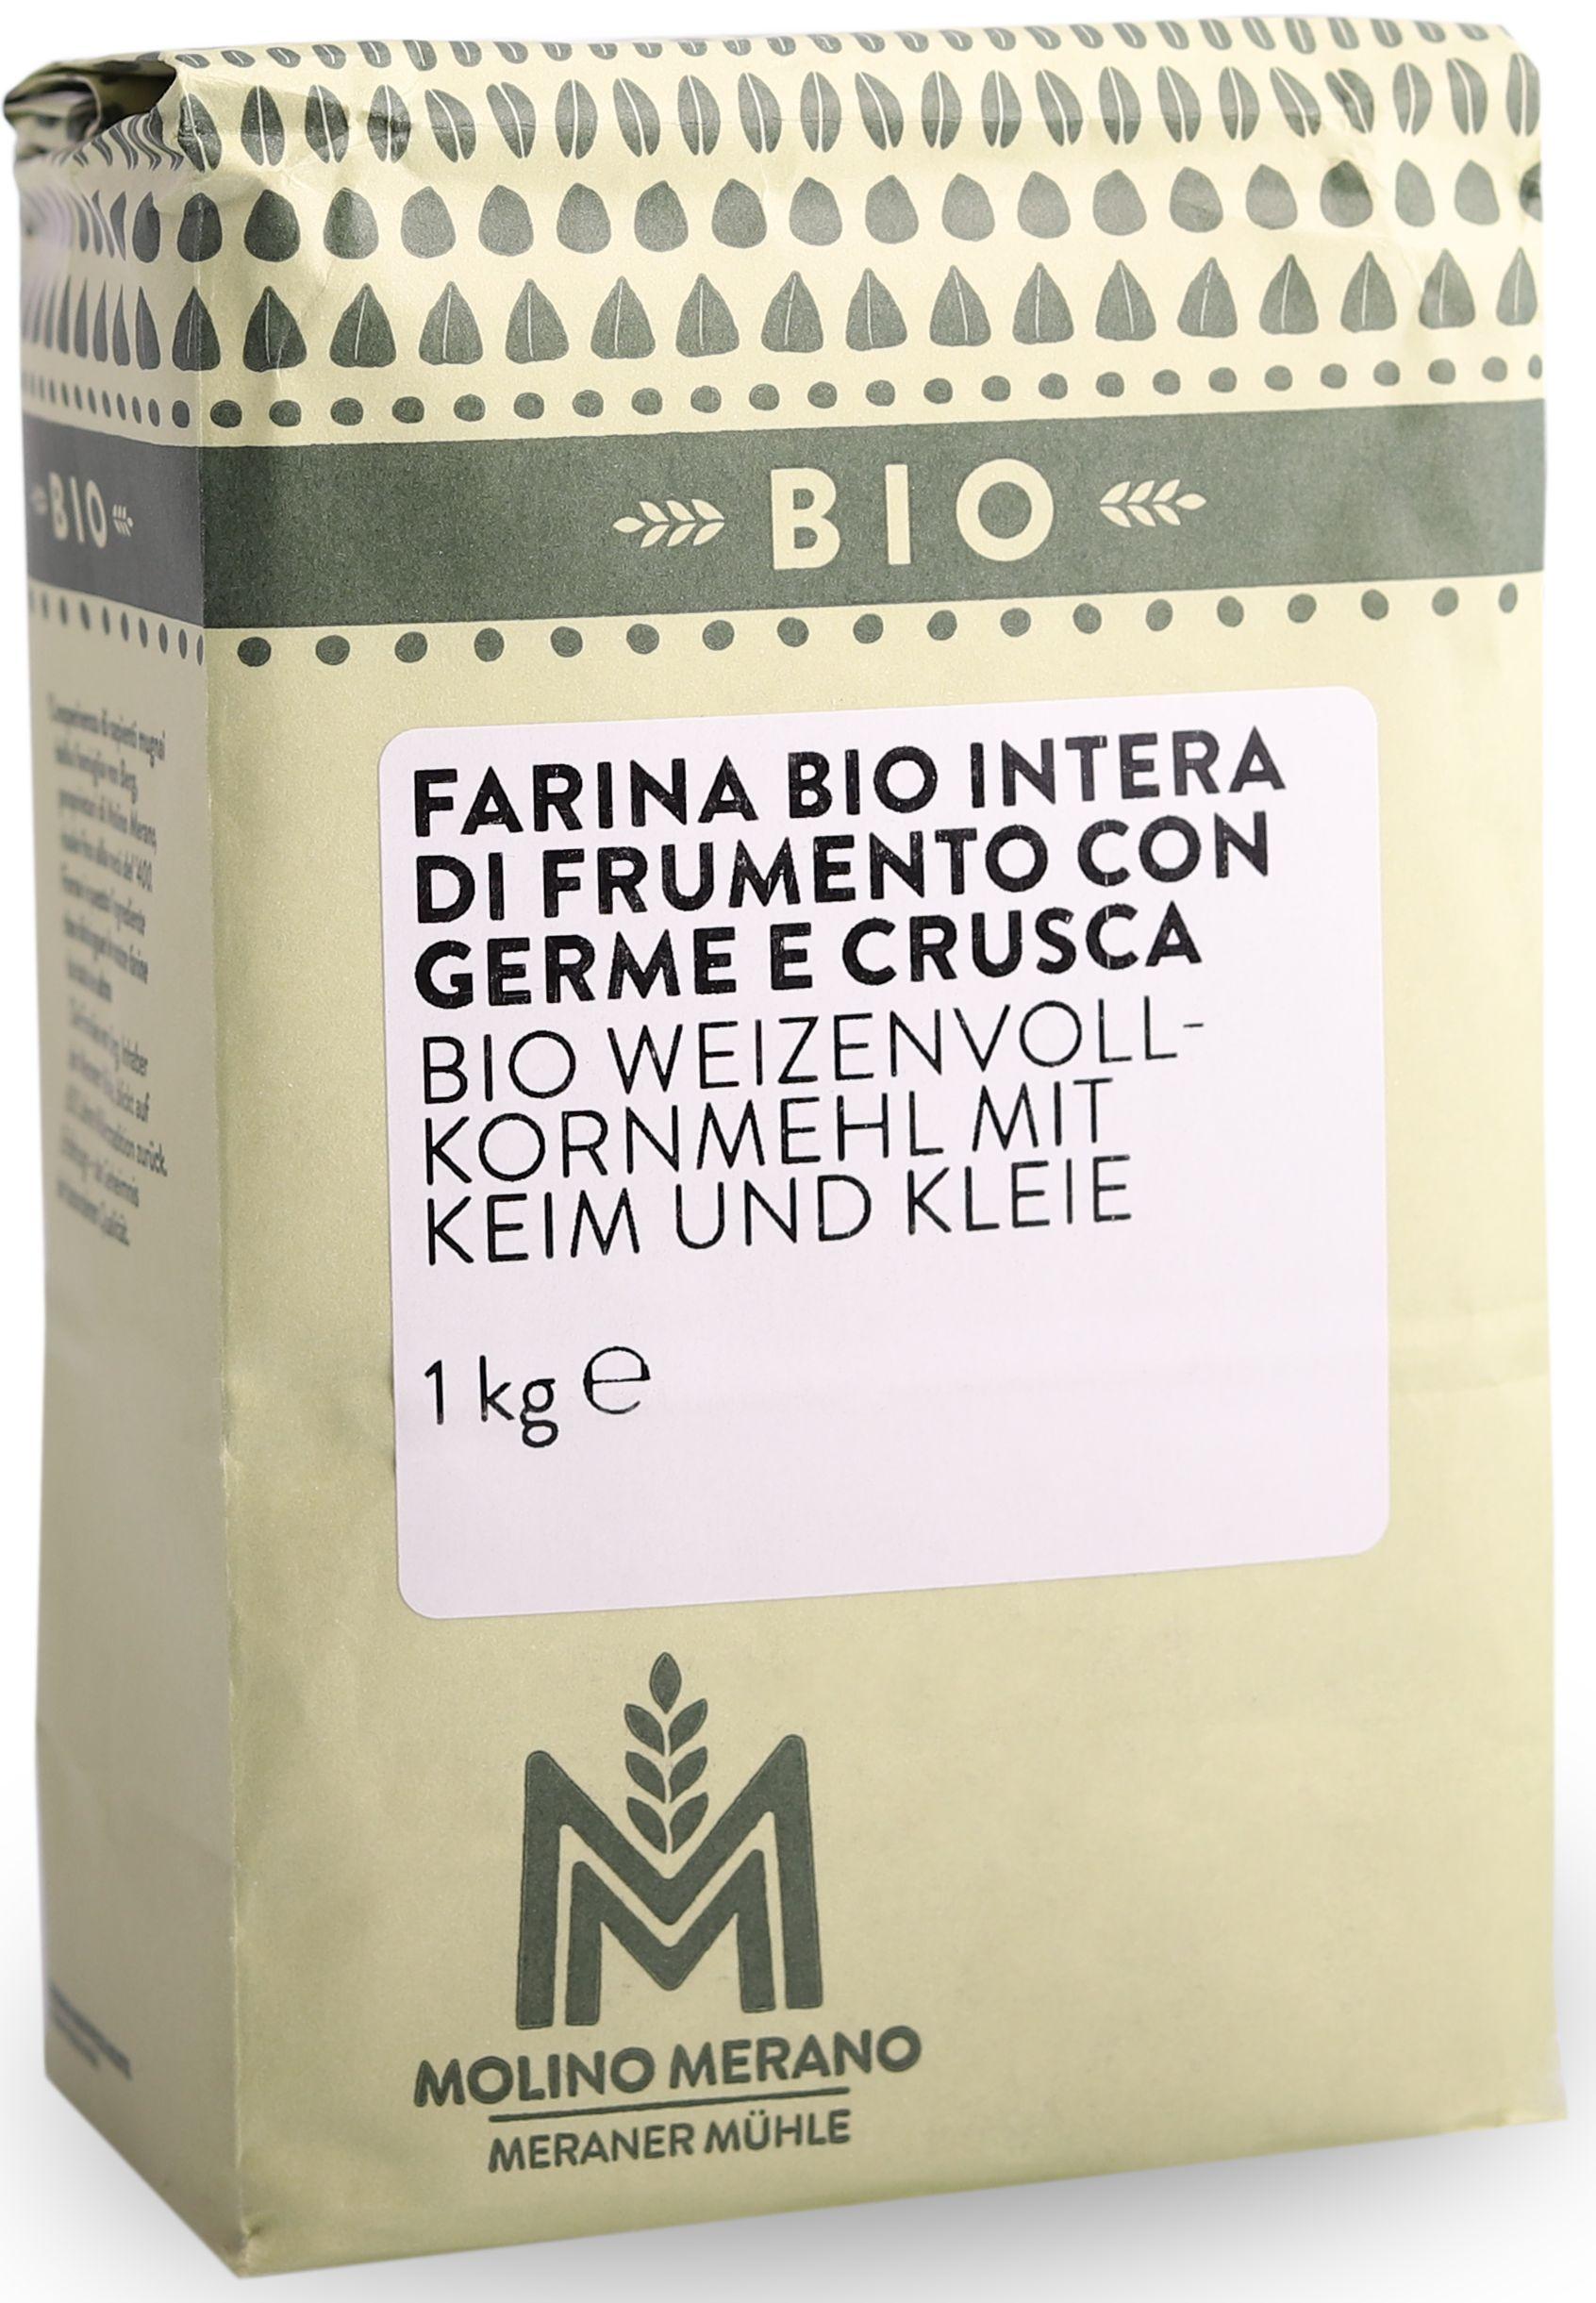 Bio Weizenvollkornmehl mit Keim